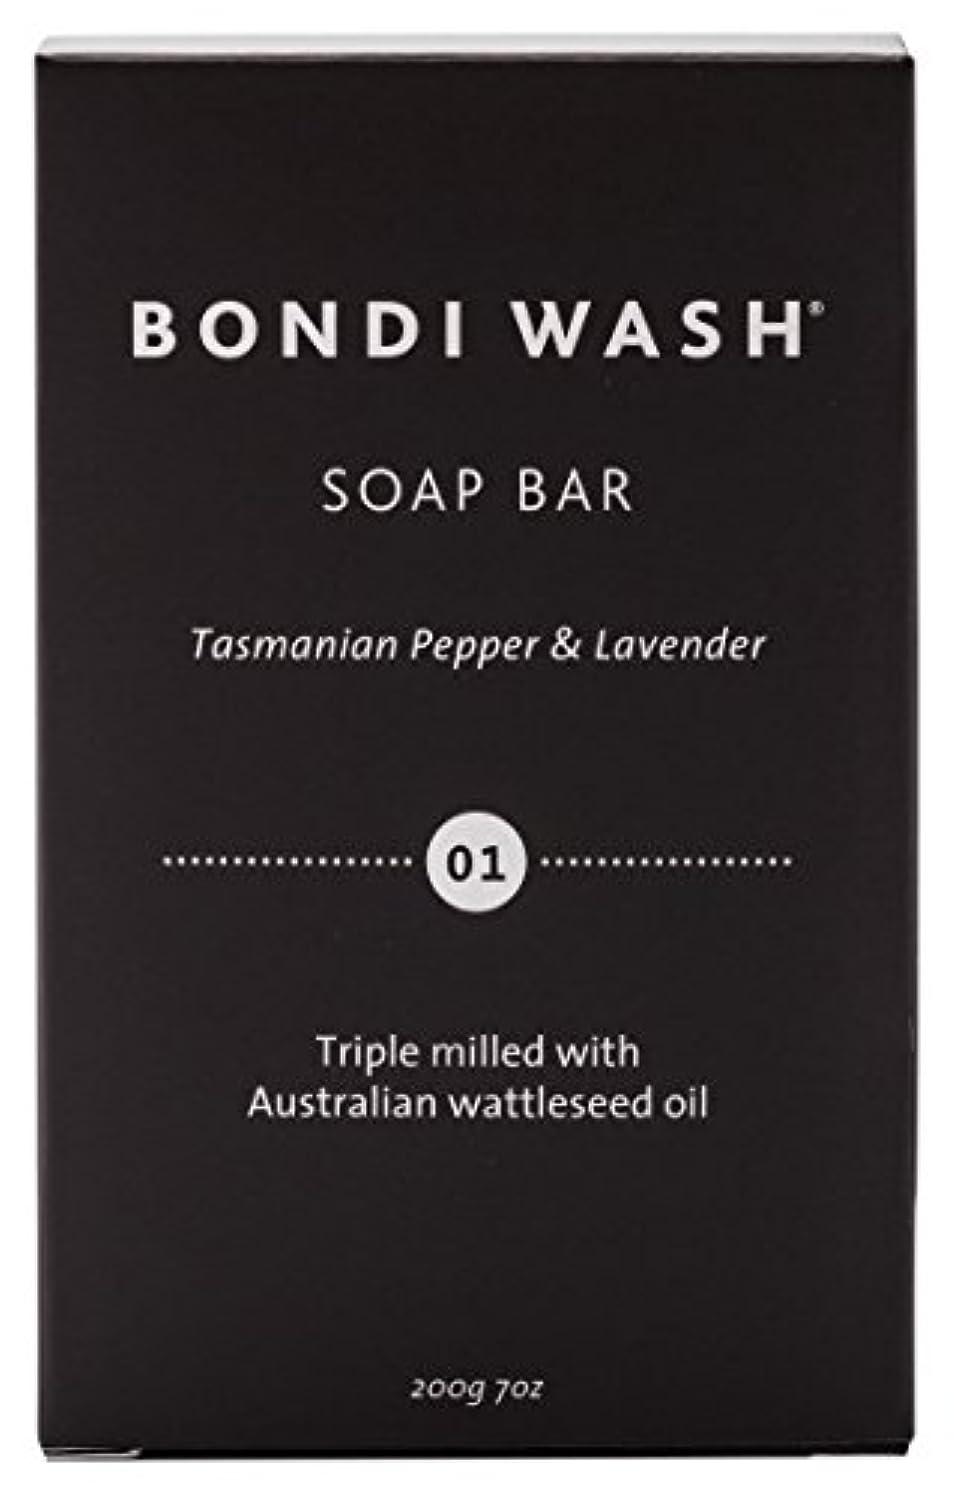 上流の鹿凶暴なBONDI WASH ソープバー(固形石鹸) タスマニアンペッパー&ラベンダー 200g